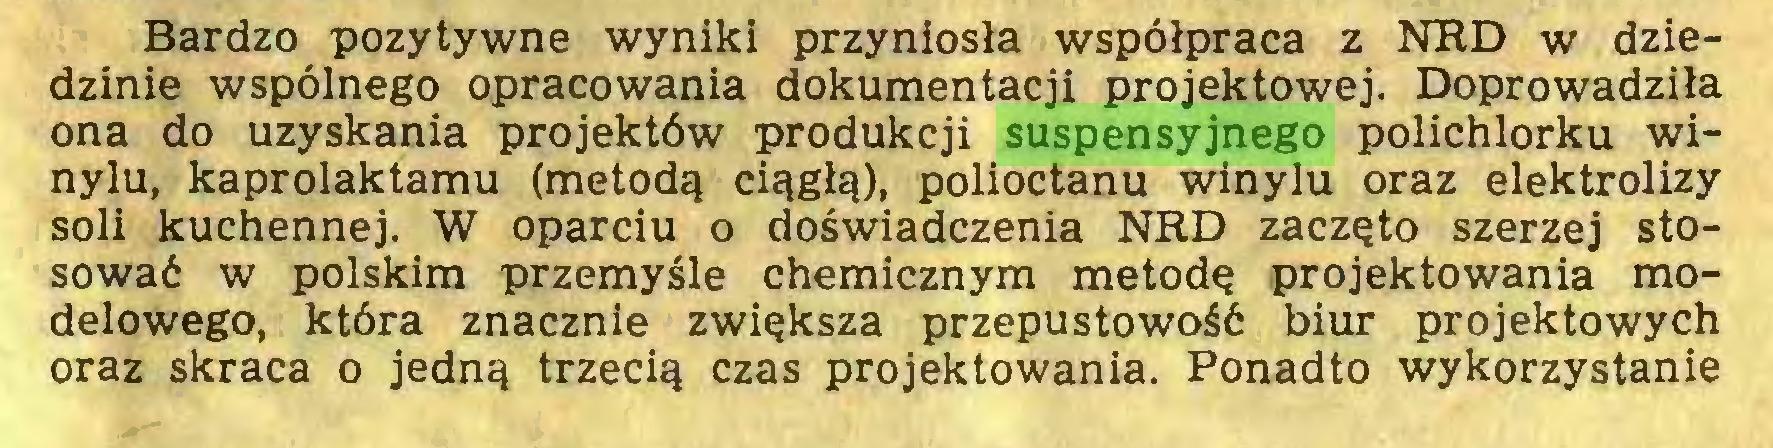 (...) Bardzo pozytywne wyniki przyniosła współpraca z NRD w dziedzinie wspólnego opracowania dokumentacji projektowej. Doprowadziła ona do uzyskania projektów produkcji suspensyjnego polichlorku winylu, kaprolaktamu (metodą ciągłą), polioctanu winylu oraz elektrolizy soli kuchennej. W oparciu o doświadczenia NRD zaczęto szerzej stosować w polskim przemyśle chemicznym metodę projektowania modelowego, która znacznie zwiększa przepustowość biur projektowych oraz skraca o jedną trzecią czas projektowania. Ponadto wykorzystanie...